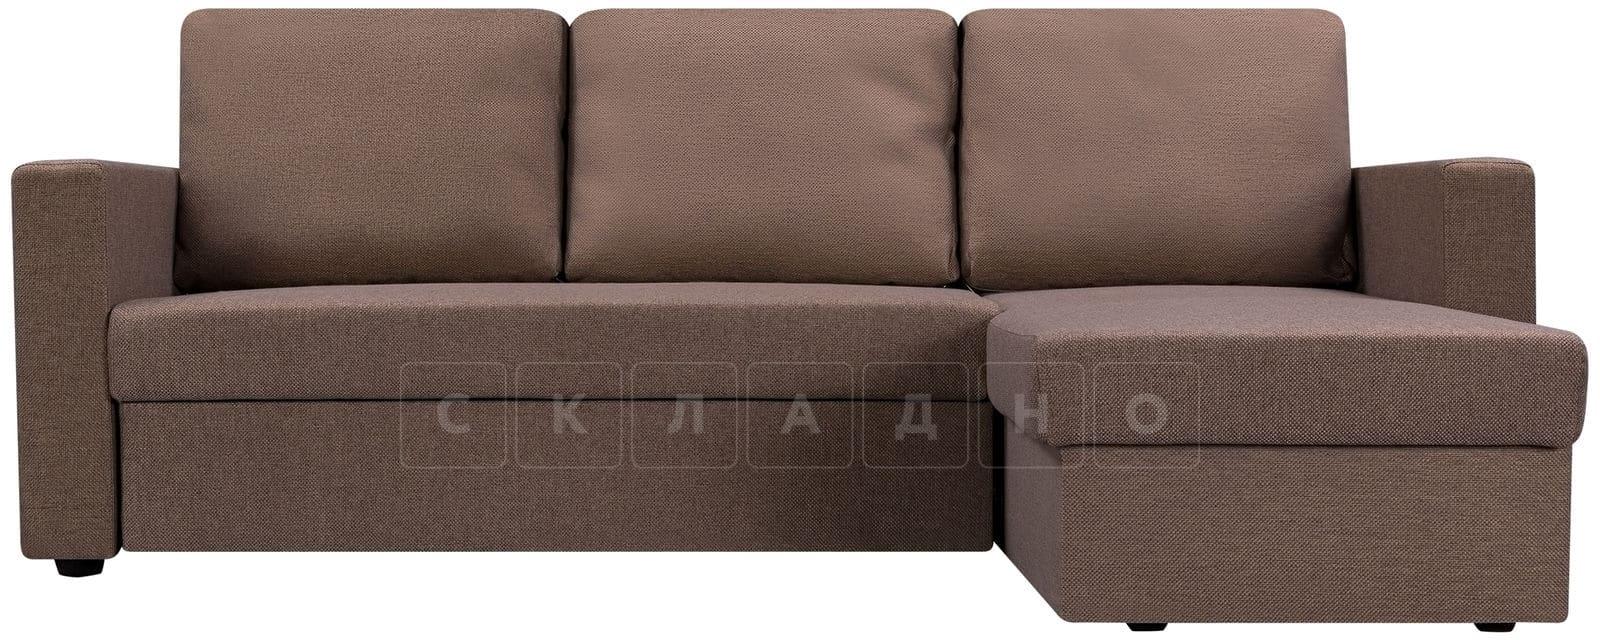 Угловой диван Турин коричневый фото 2 | интернет-магазин Складно